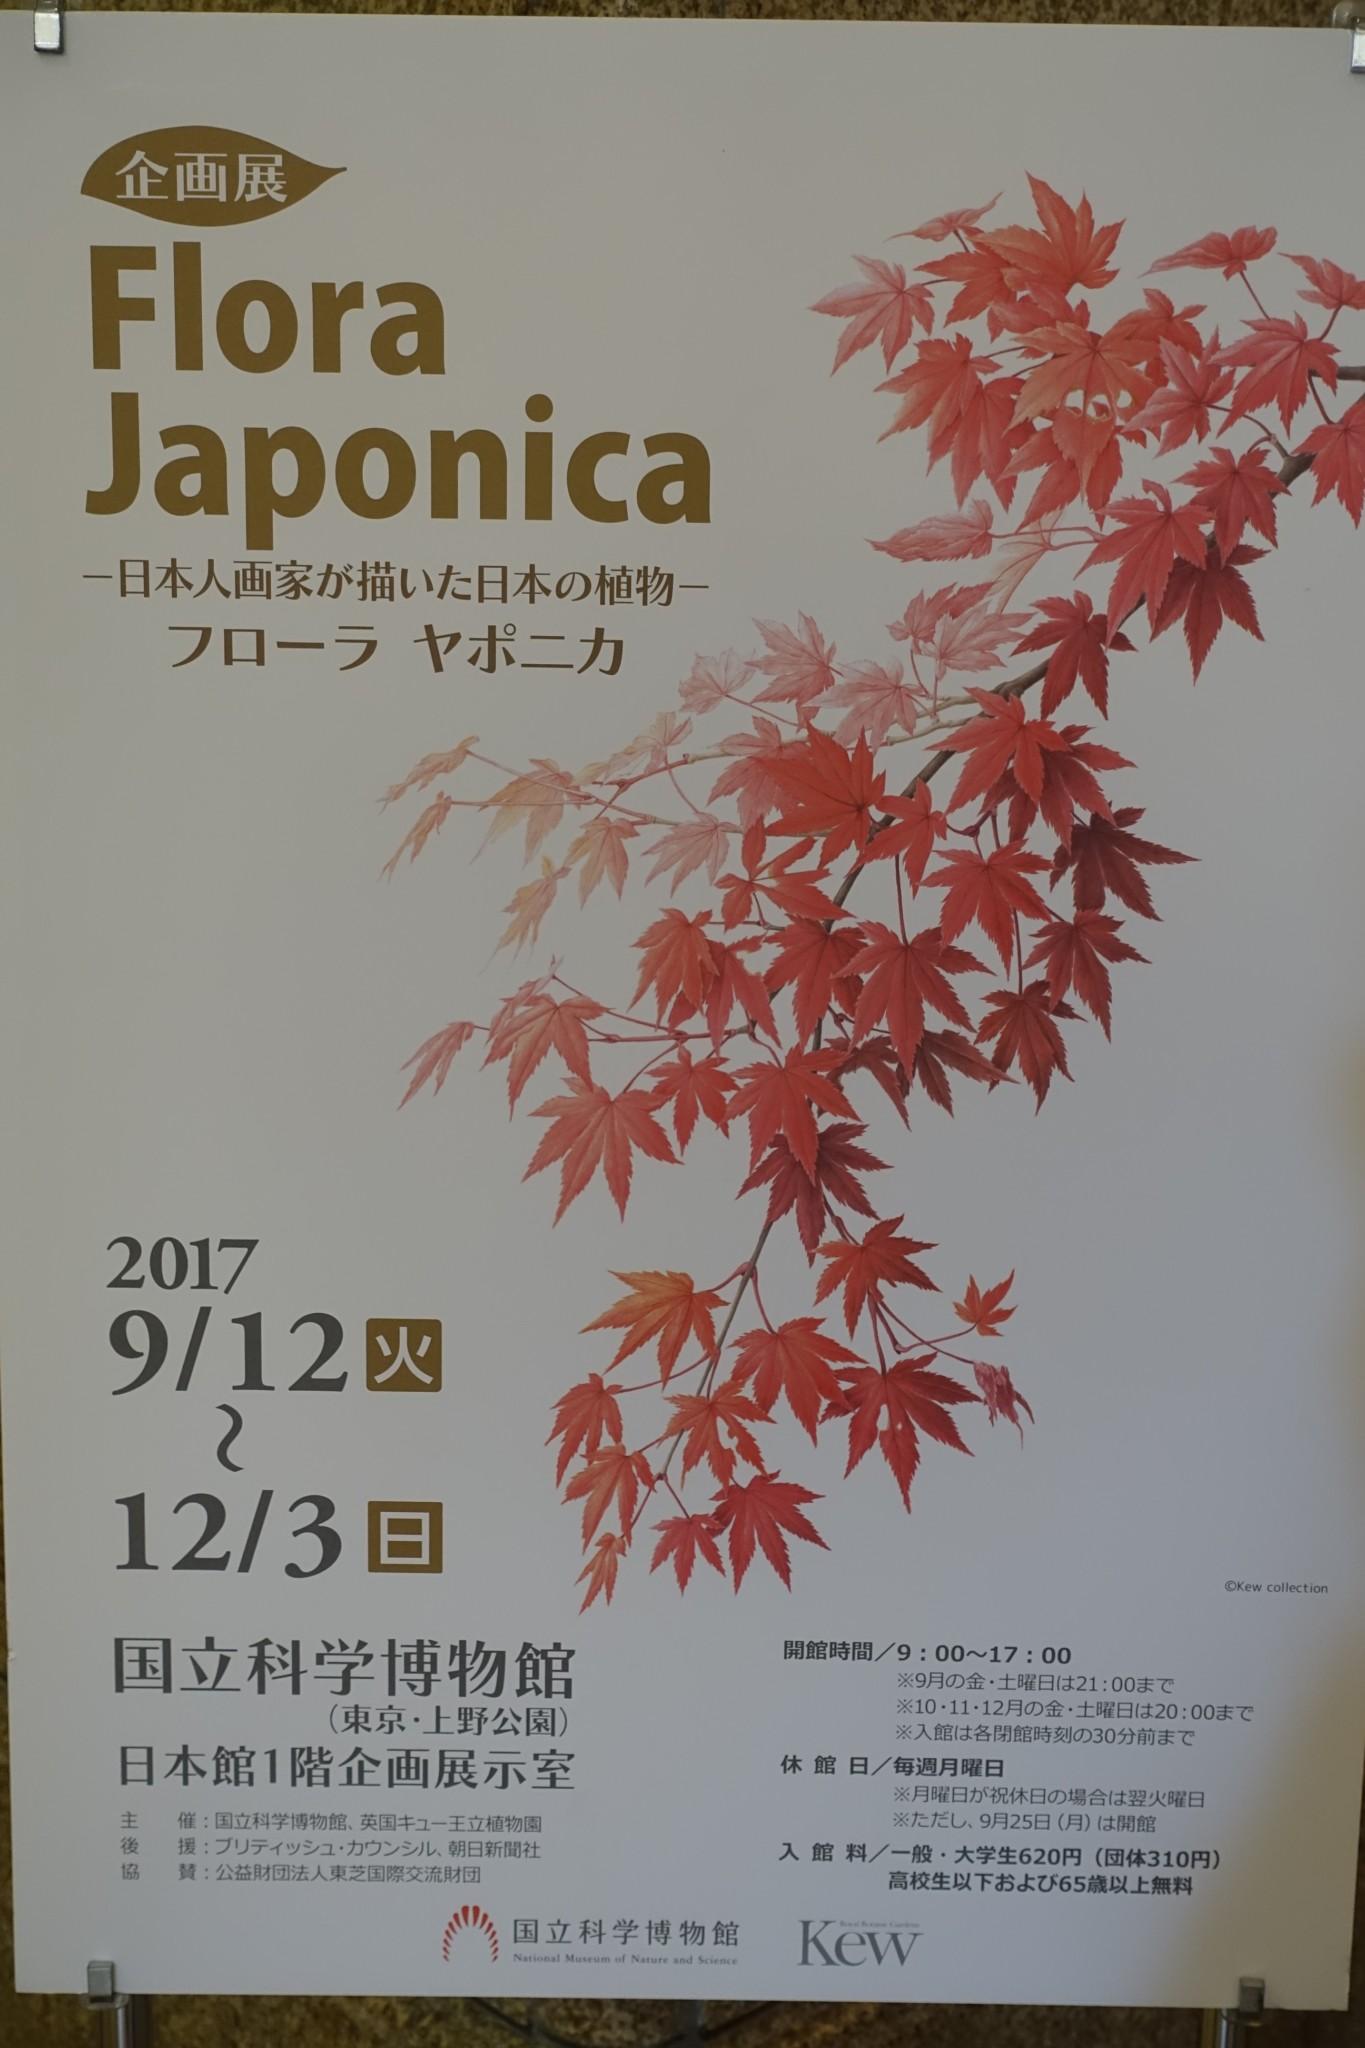 フローラ ヤポニカ—日本人画家が描いた日本の植物—